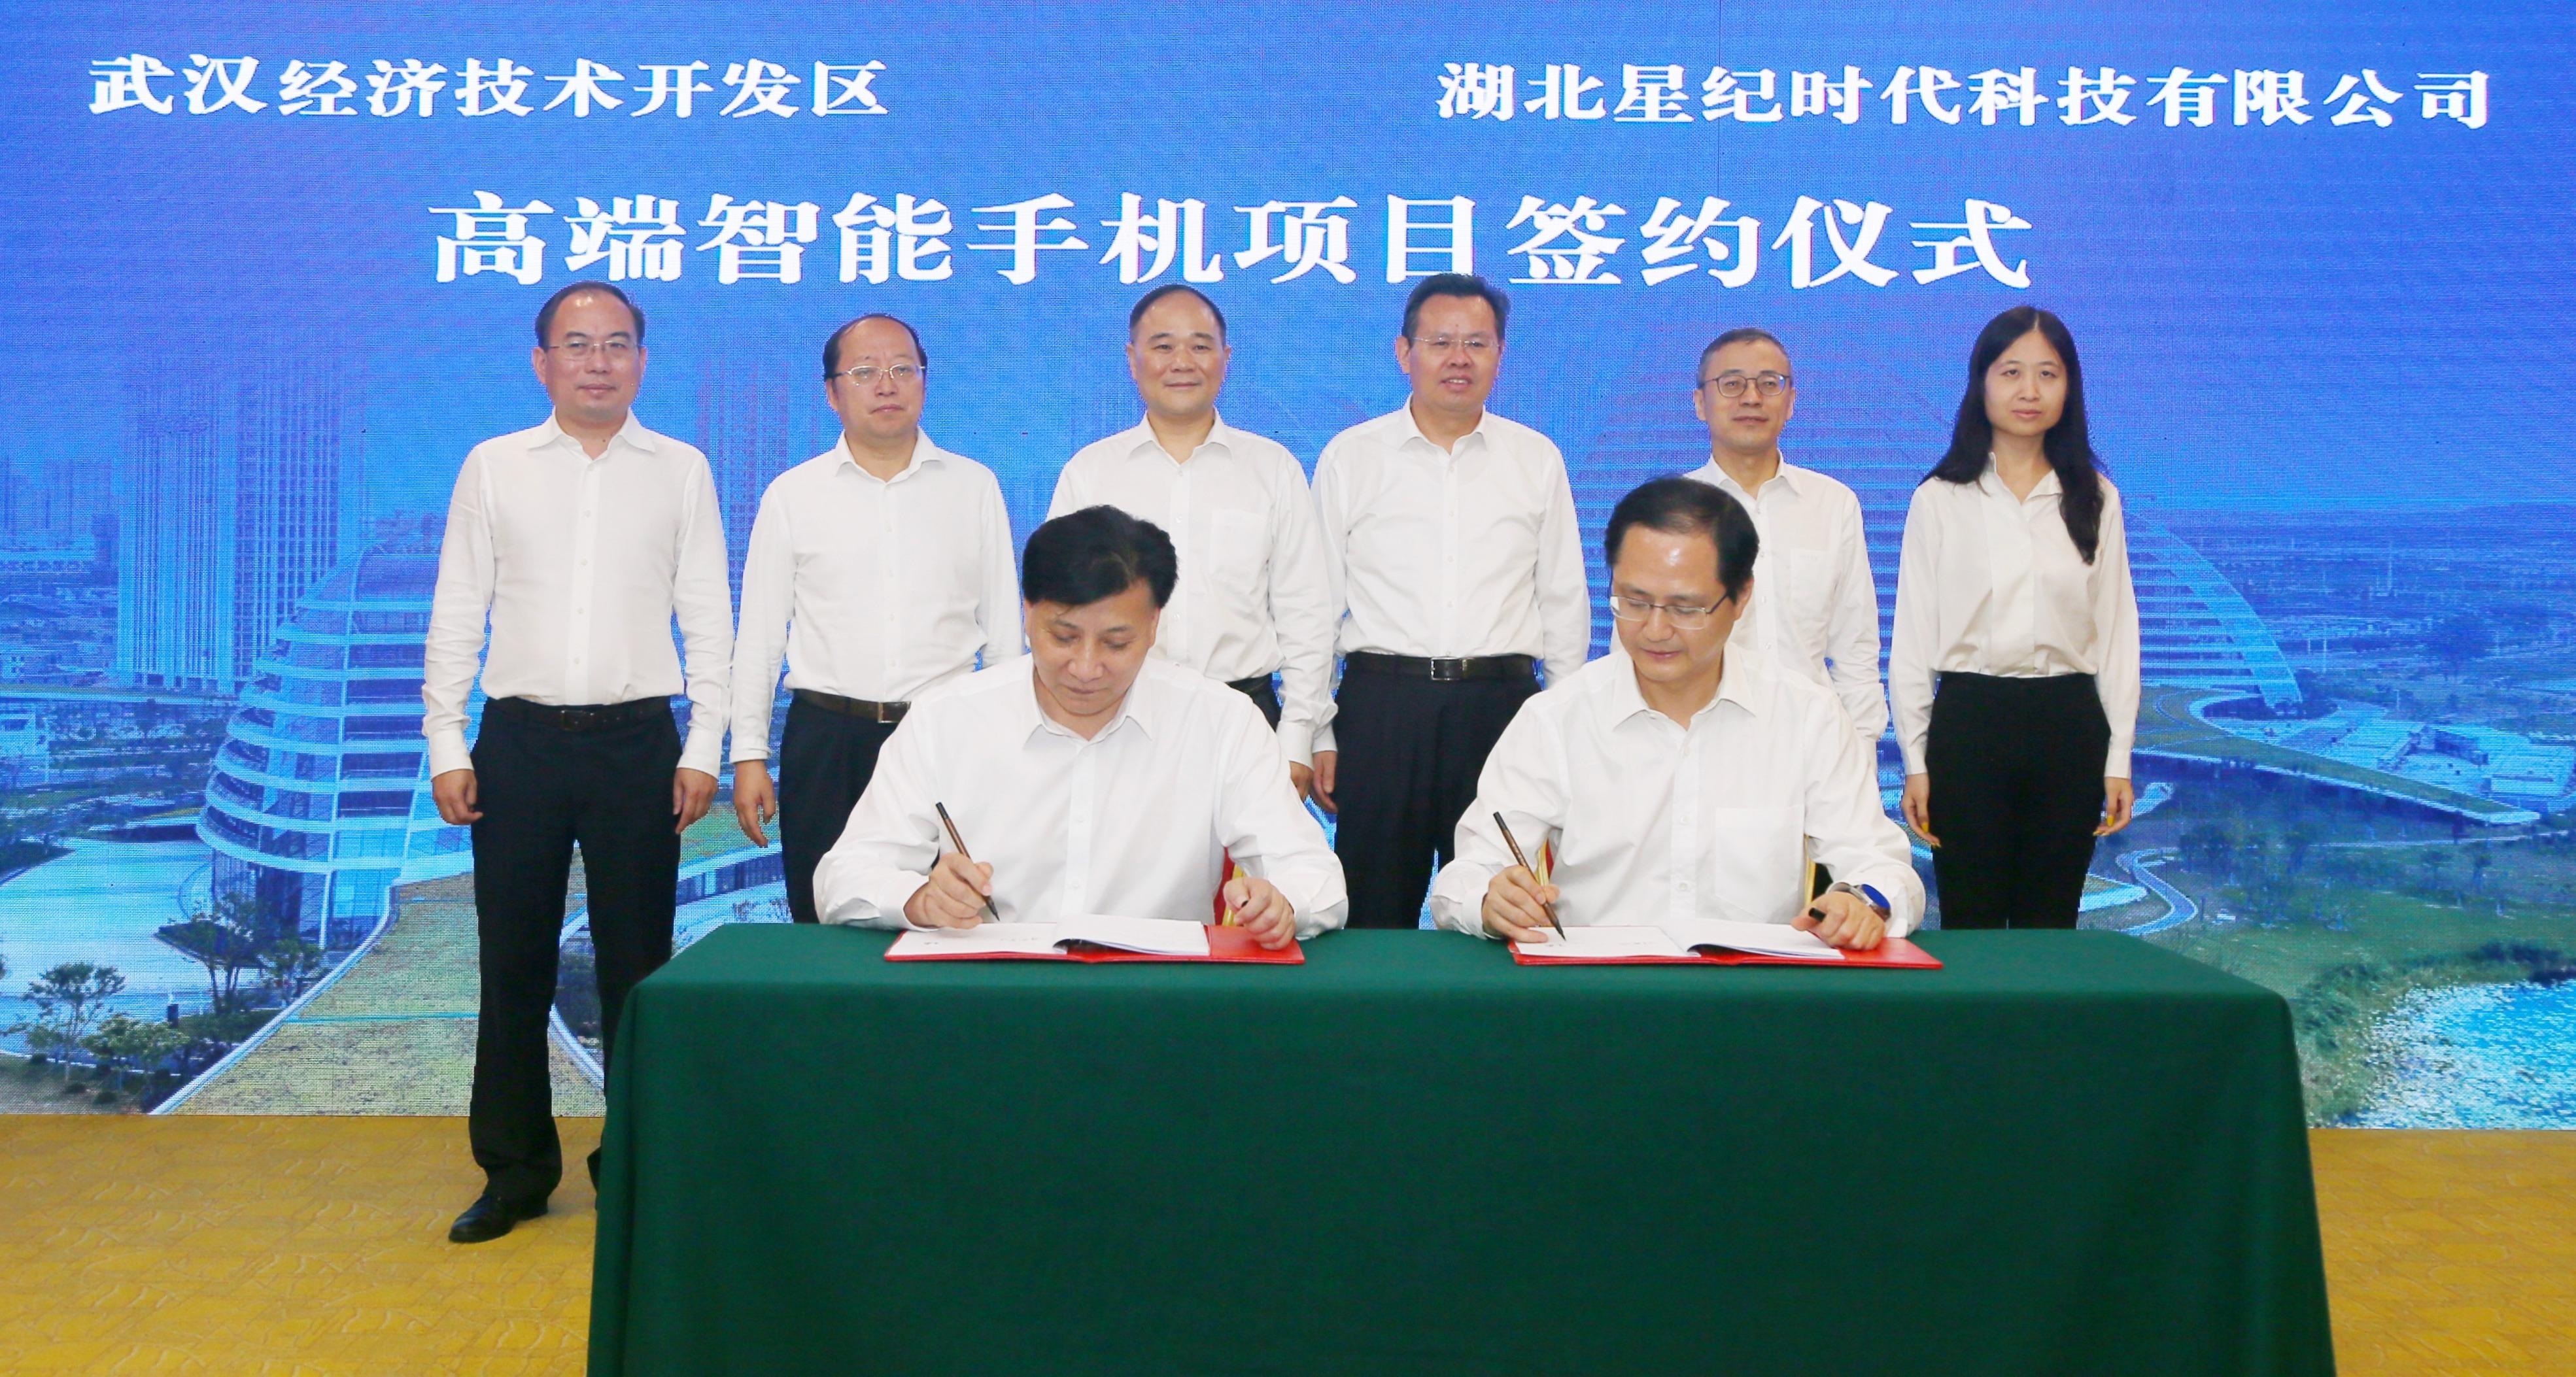 李书福官宣要造手机 项目总部落户在这里